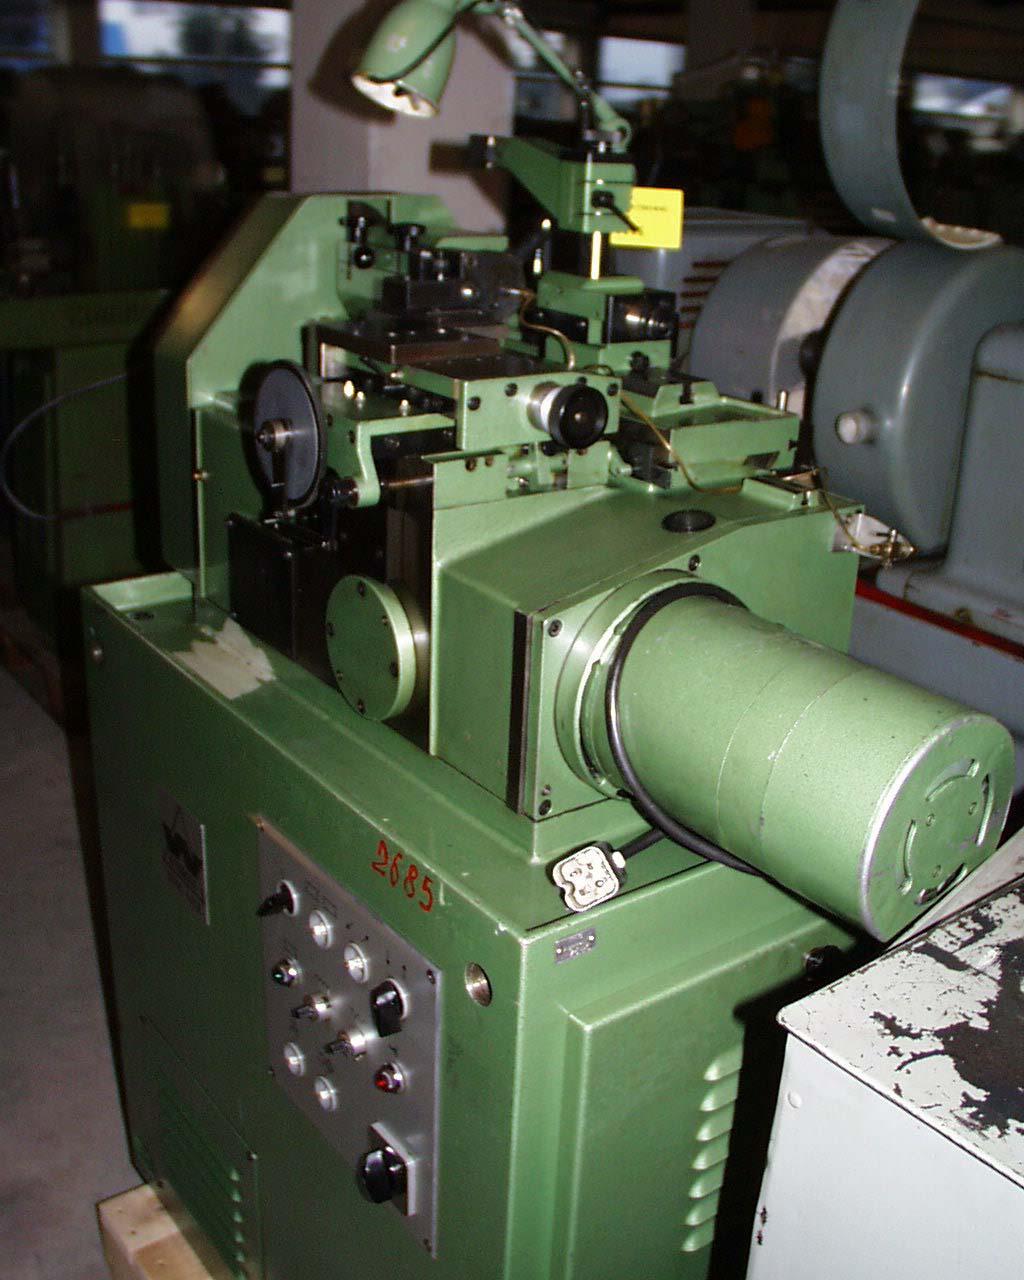 WYSSBROD 224 S二手自动卸刀机进口东莞塘厦的手续